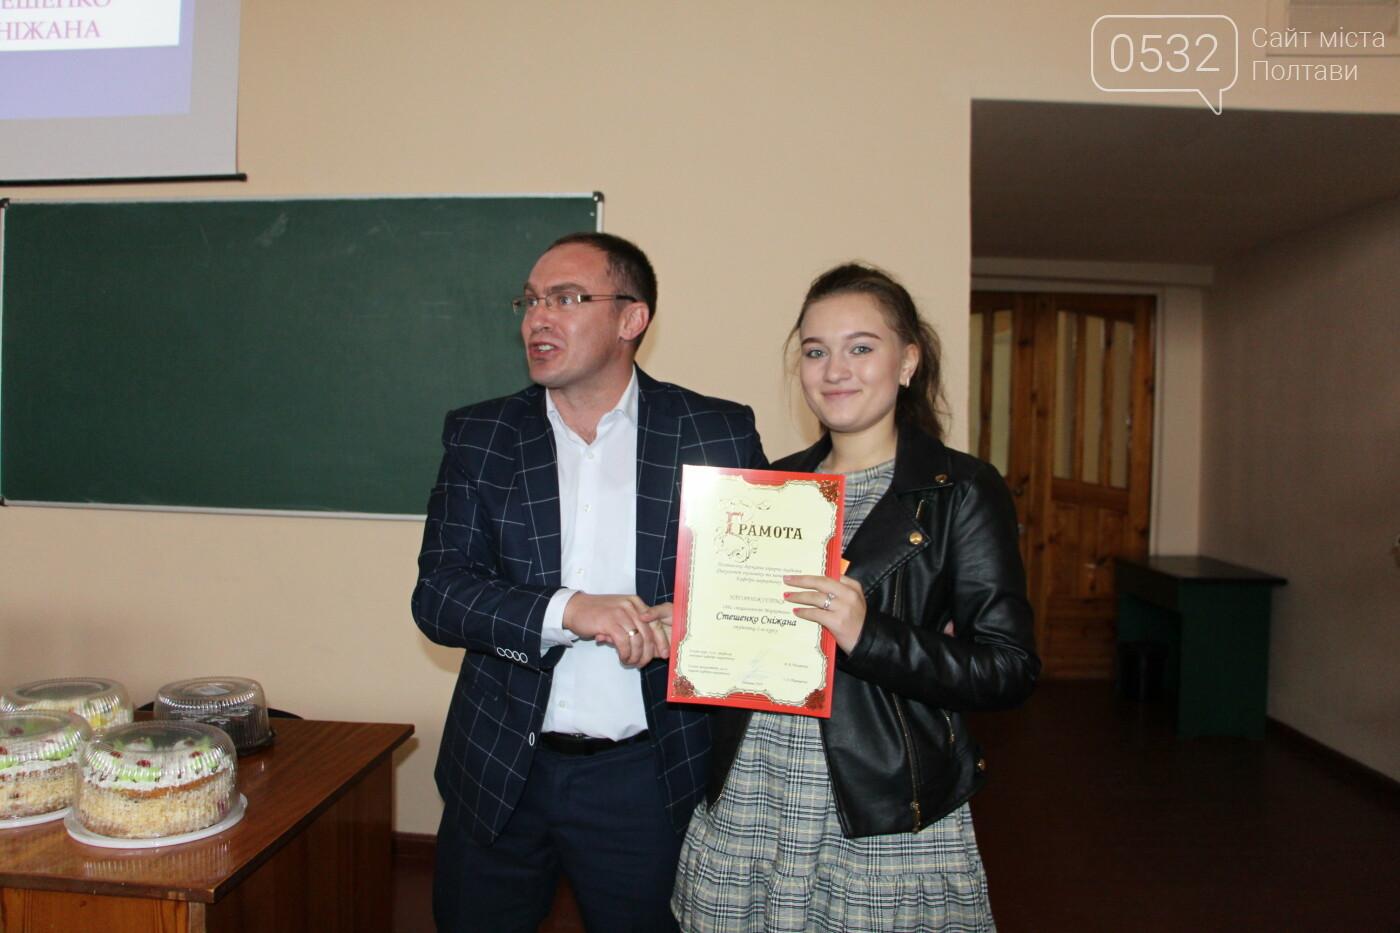 У Полтаві провели конкурс на кращий соціальний ролик серед студентів (ФОТО), фото-7